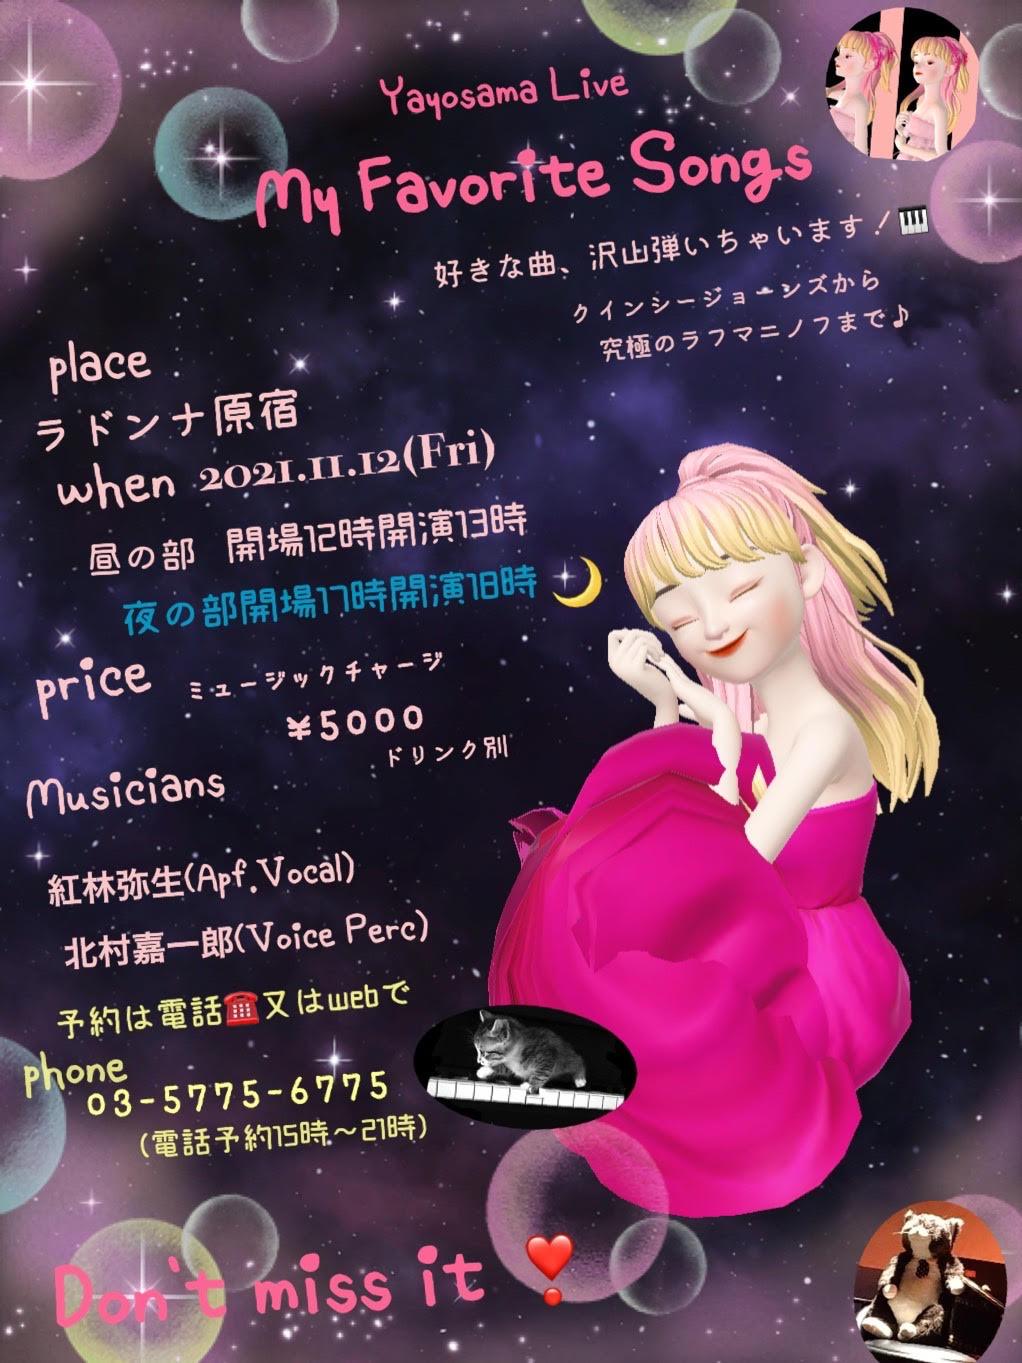 My Favorite Songs ~好きな曲、たくさん弾いちゃいます!~